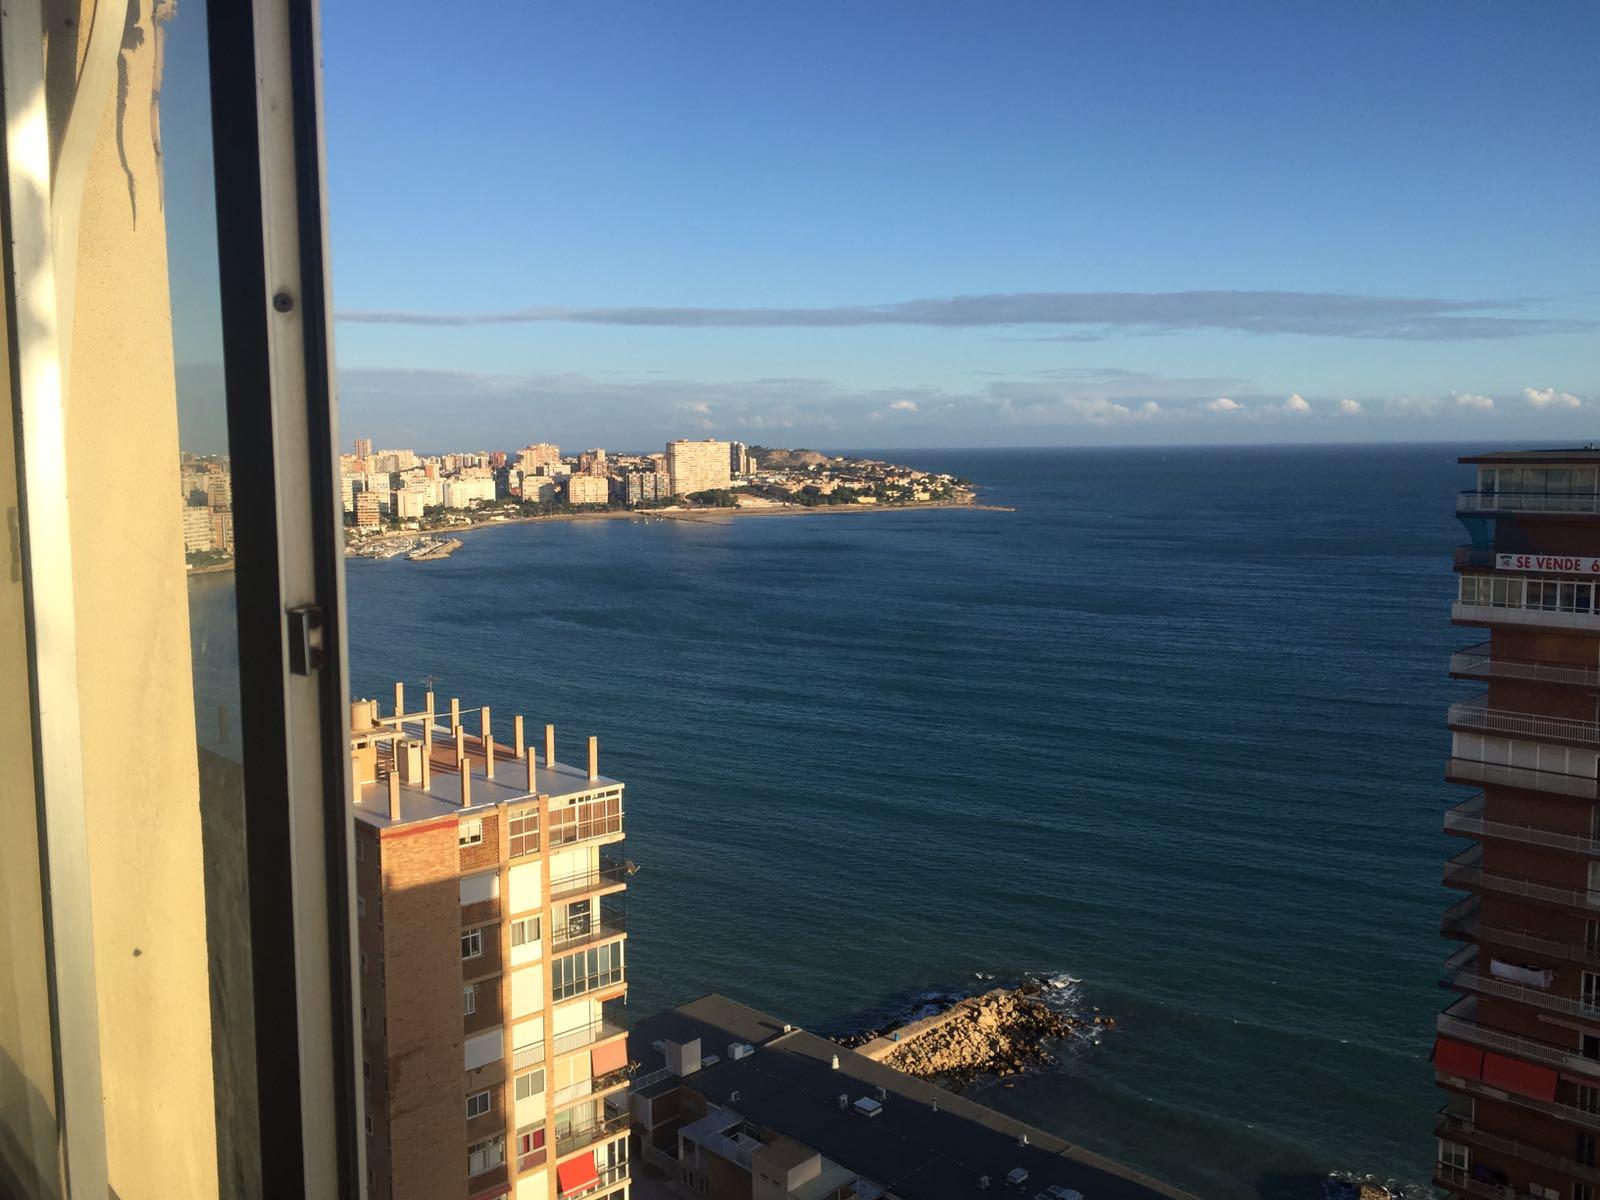 Apartamento – 1 dormitorio – Alicante – Playa albufereta